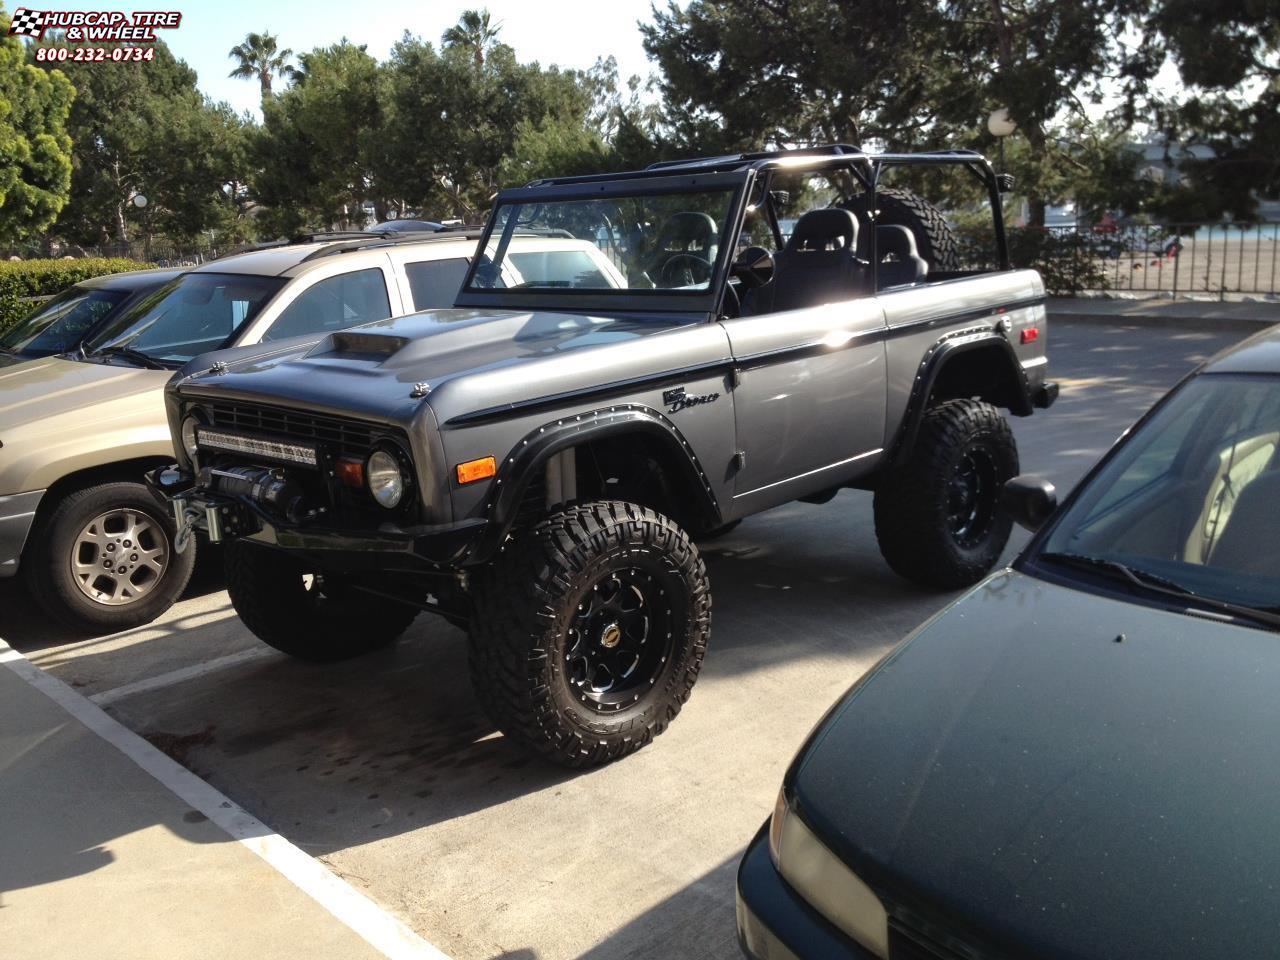 Ford Bronco Fuel Boost D534 Wheels Matte Black & Milled